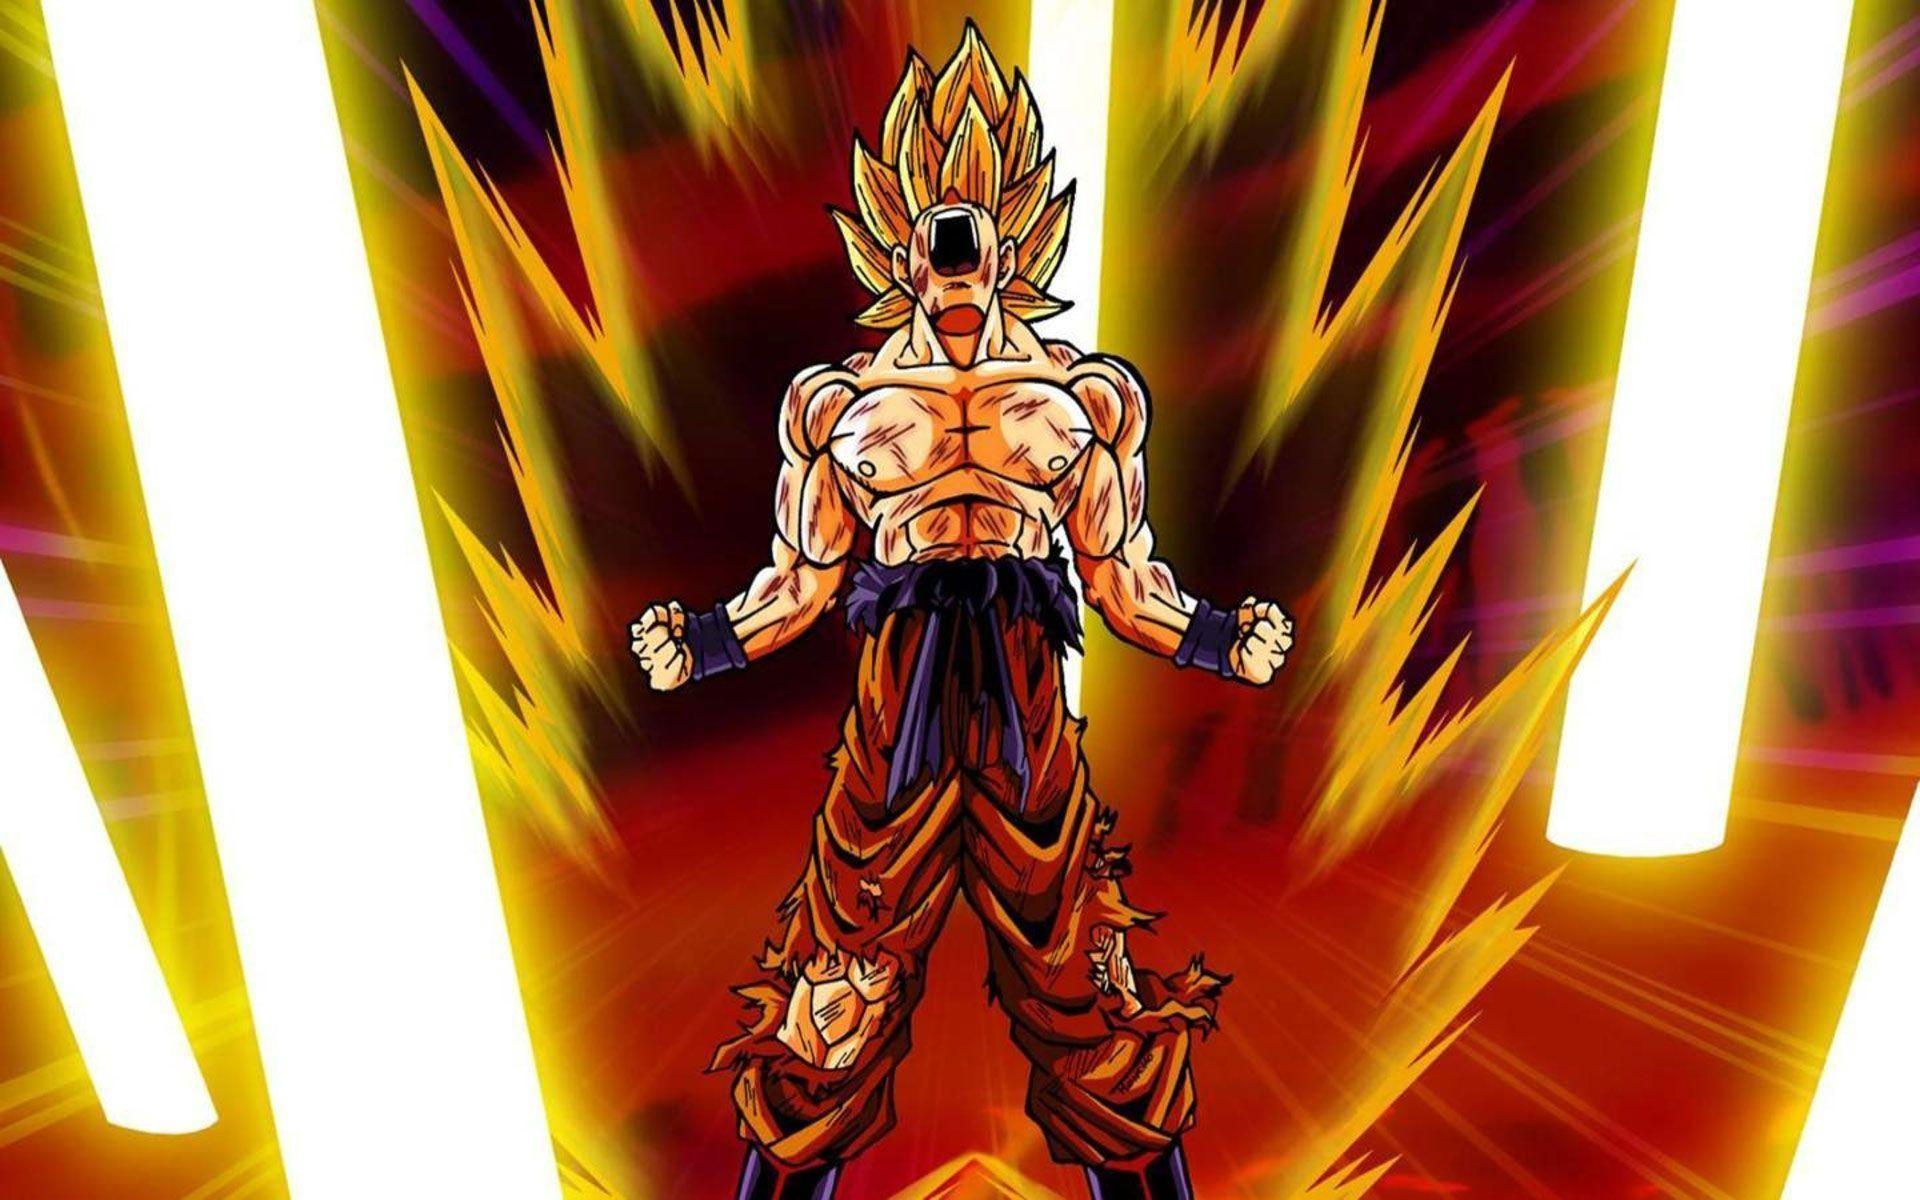 Dragon Ball Z Wallpaper Goku Super Saiyan God Wallpapers Android